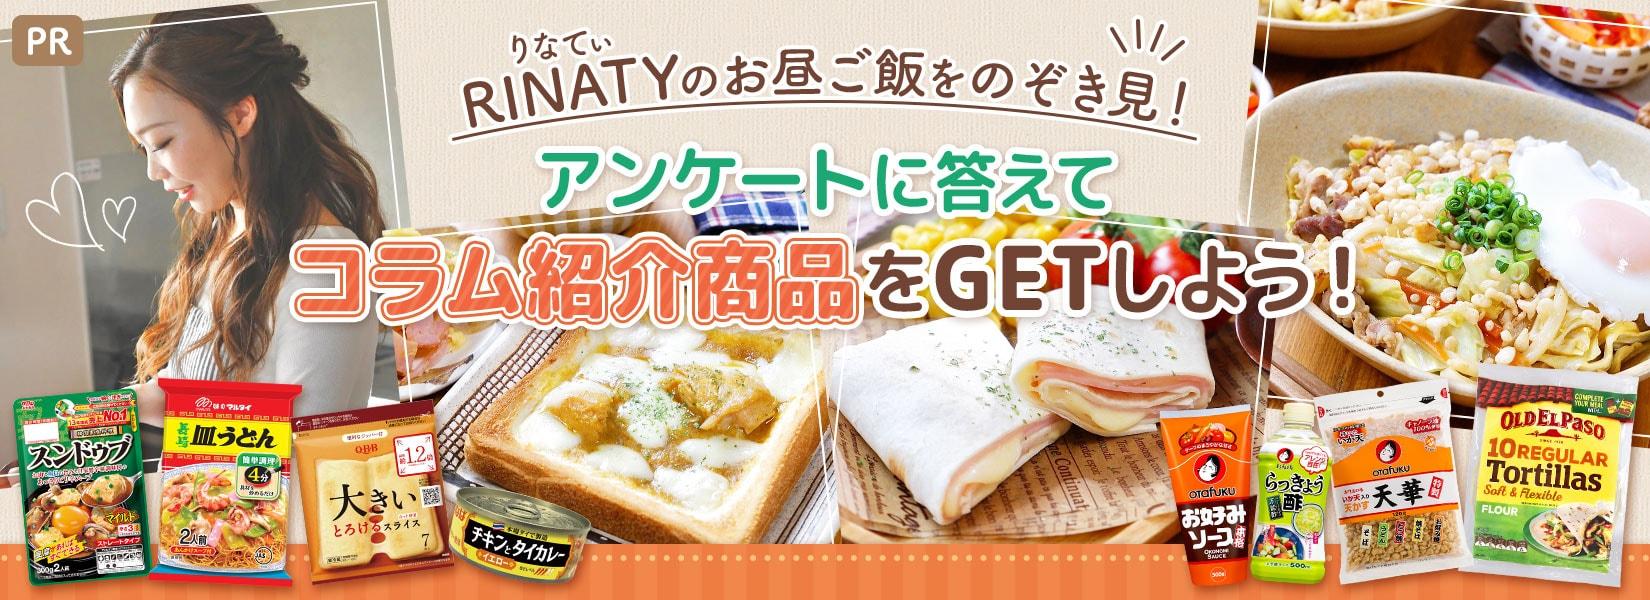 RINATY(りなてぃ)のお昼ご飯をのぞき見!アンケートに答えてコラム紹介商品をGETしよう!